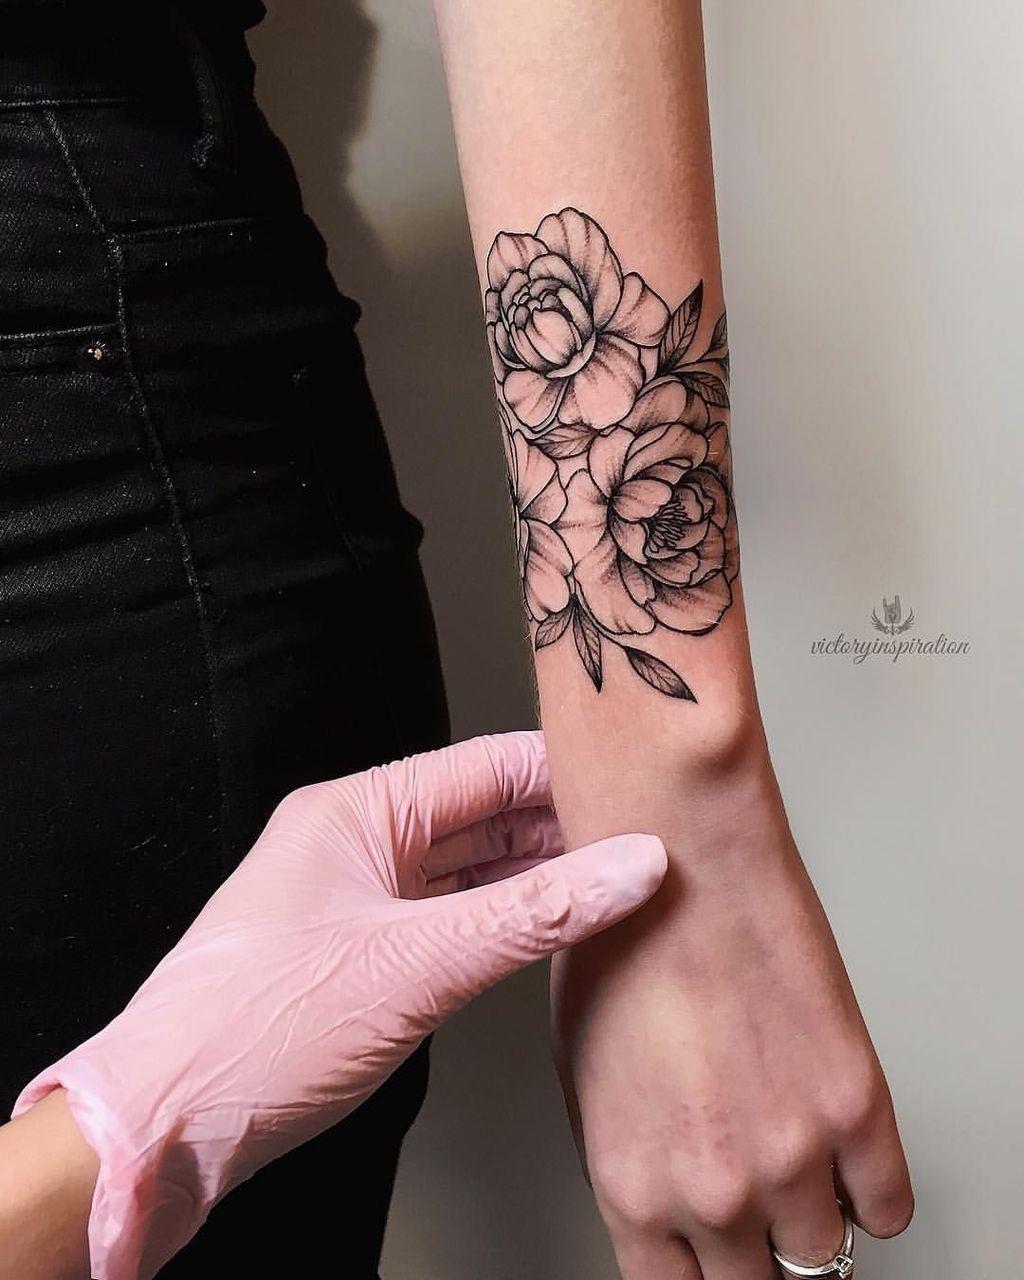 30 Lovely Flower Tattoo Designs Ideas That Women Must See Forearm Flower Tattoo Small Forearm Tattoos Forearm Tattoo Women